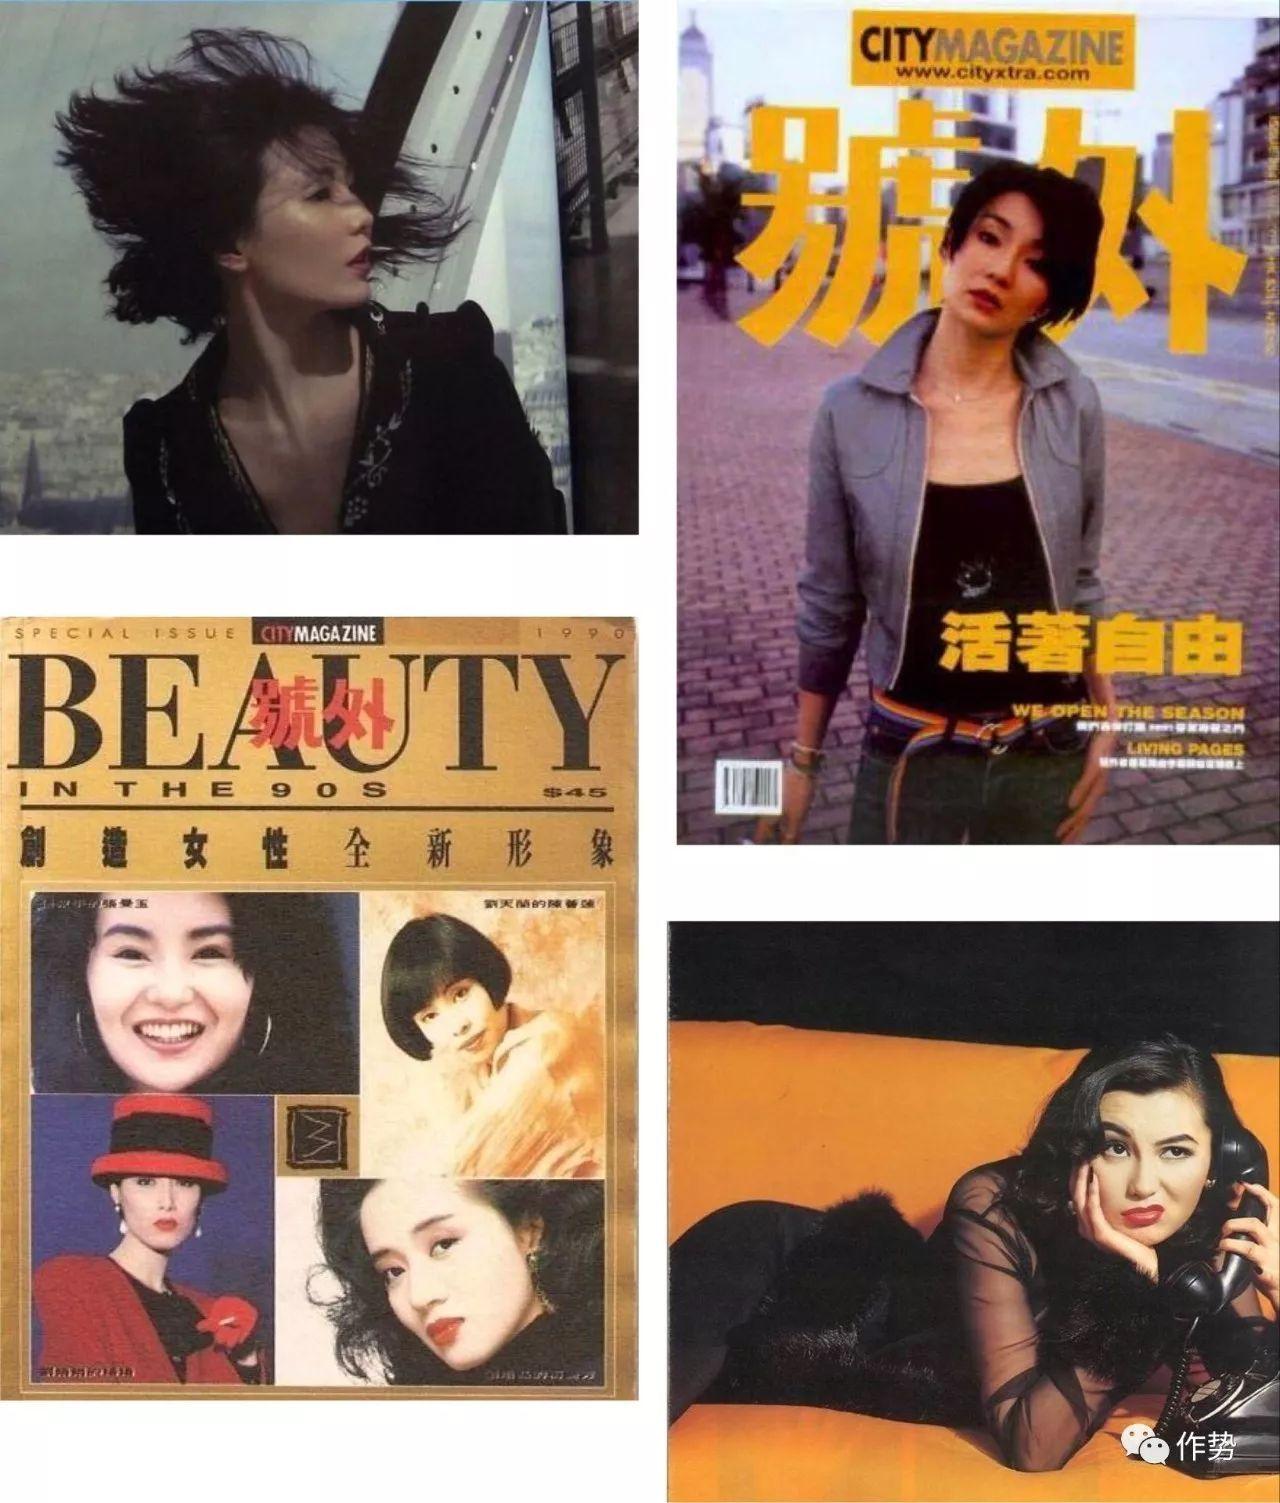 30年前的这本中文杂志封面,就已经时髦到飞起了!